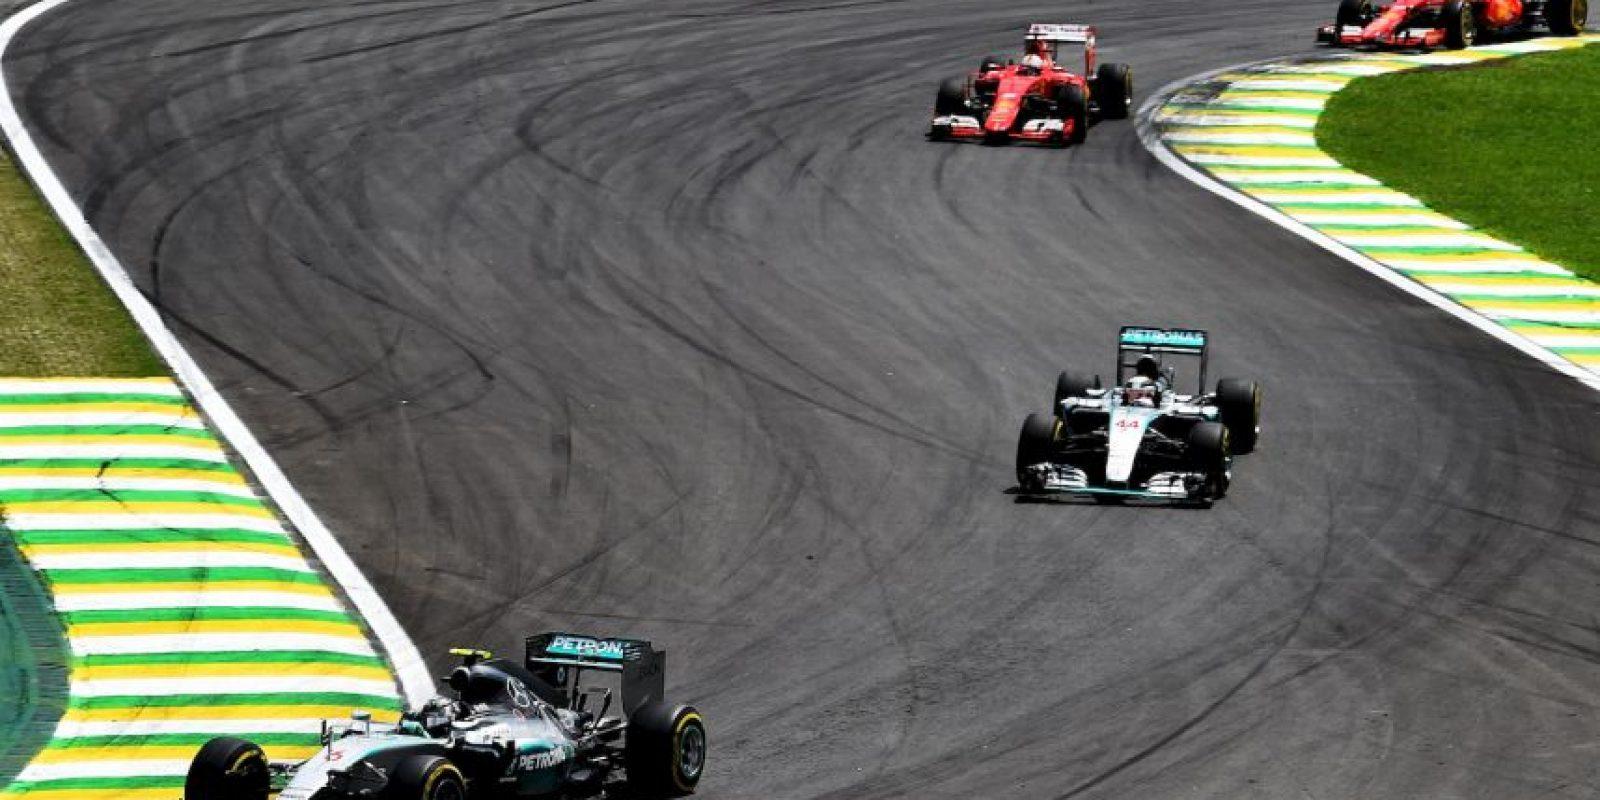 Lewis Hamilton, Nico Rosberg y Sebastian Vettel subieron al podio en el GP de Brasil Foto:Getty Images